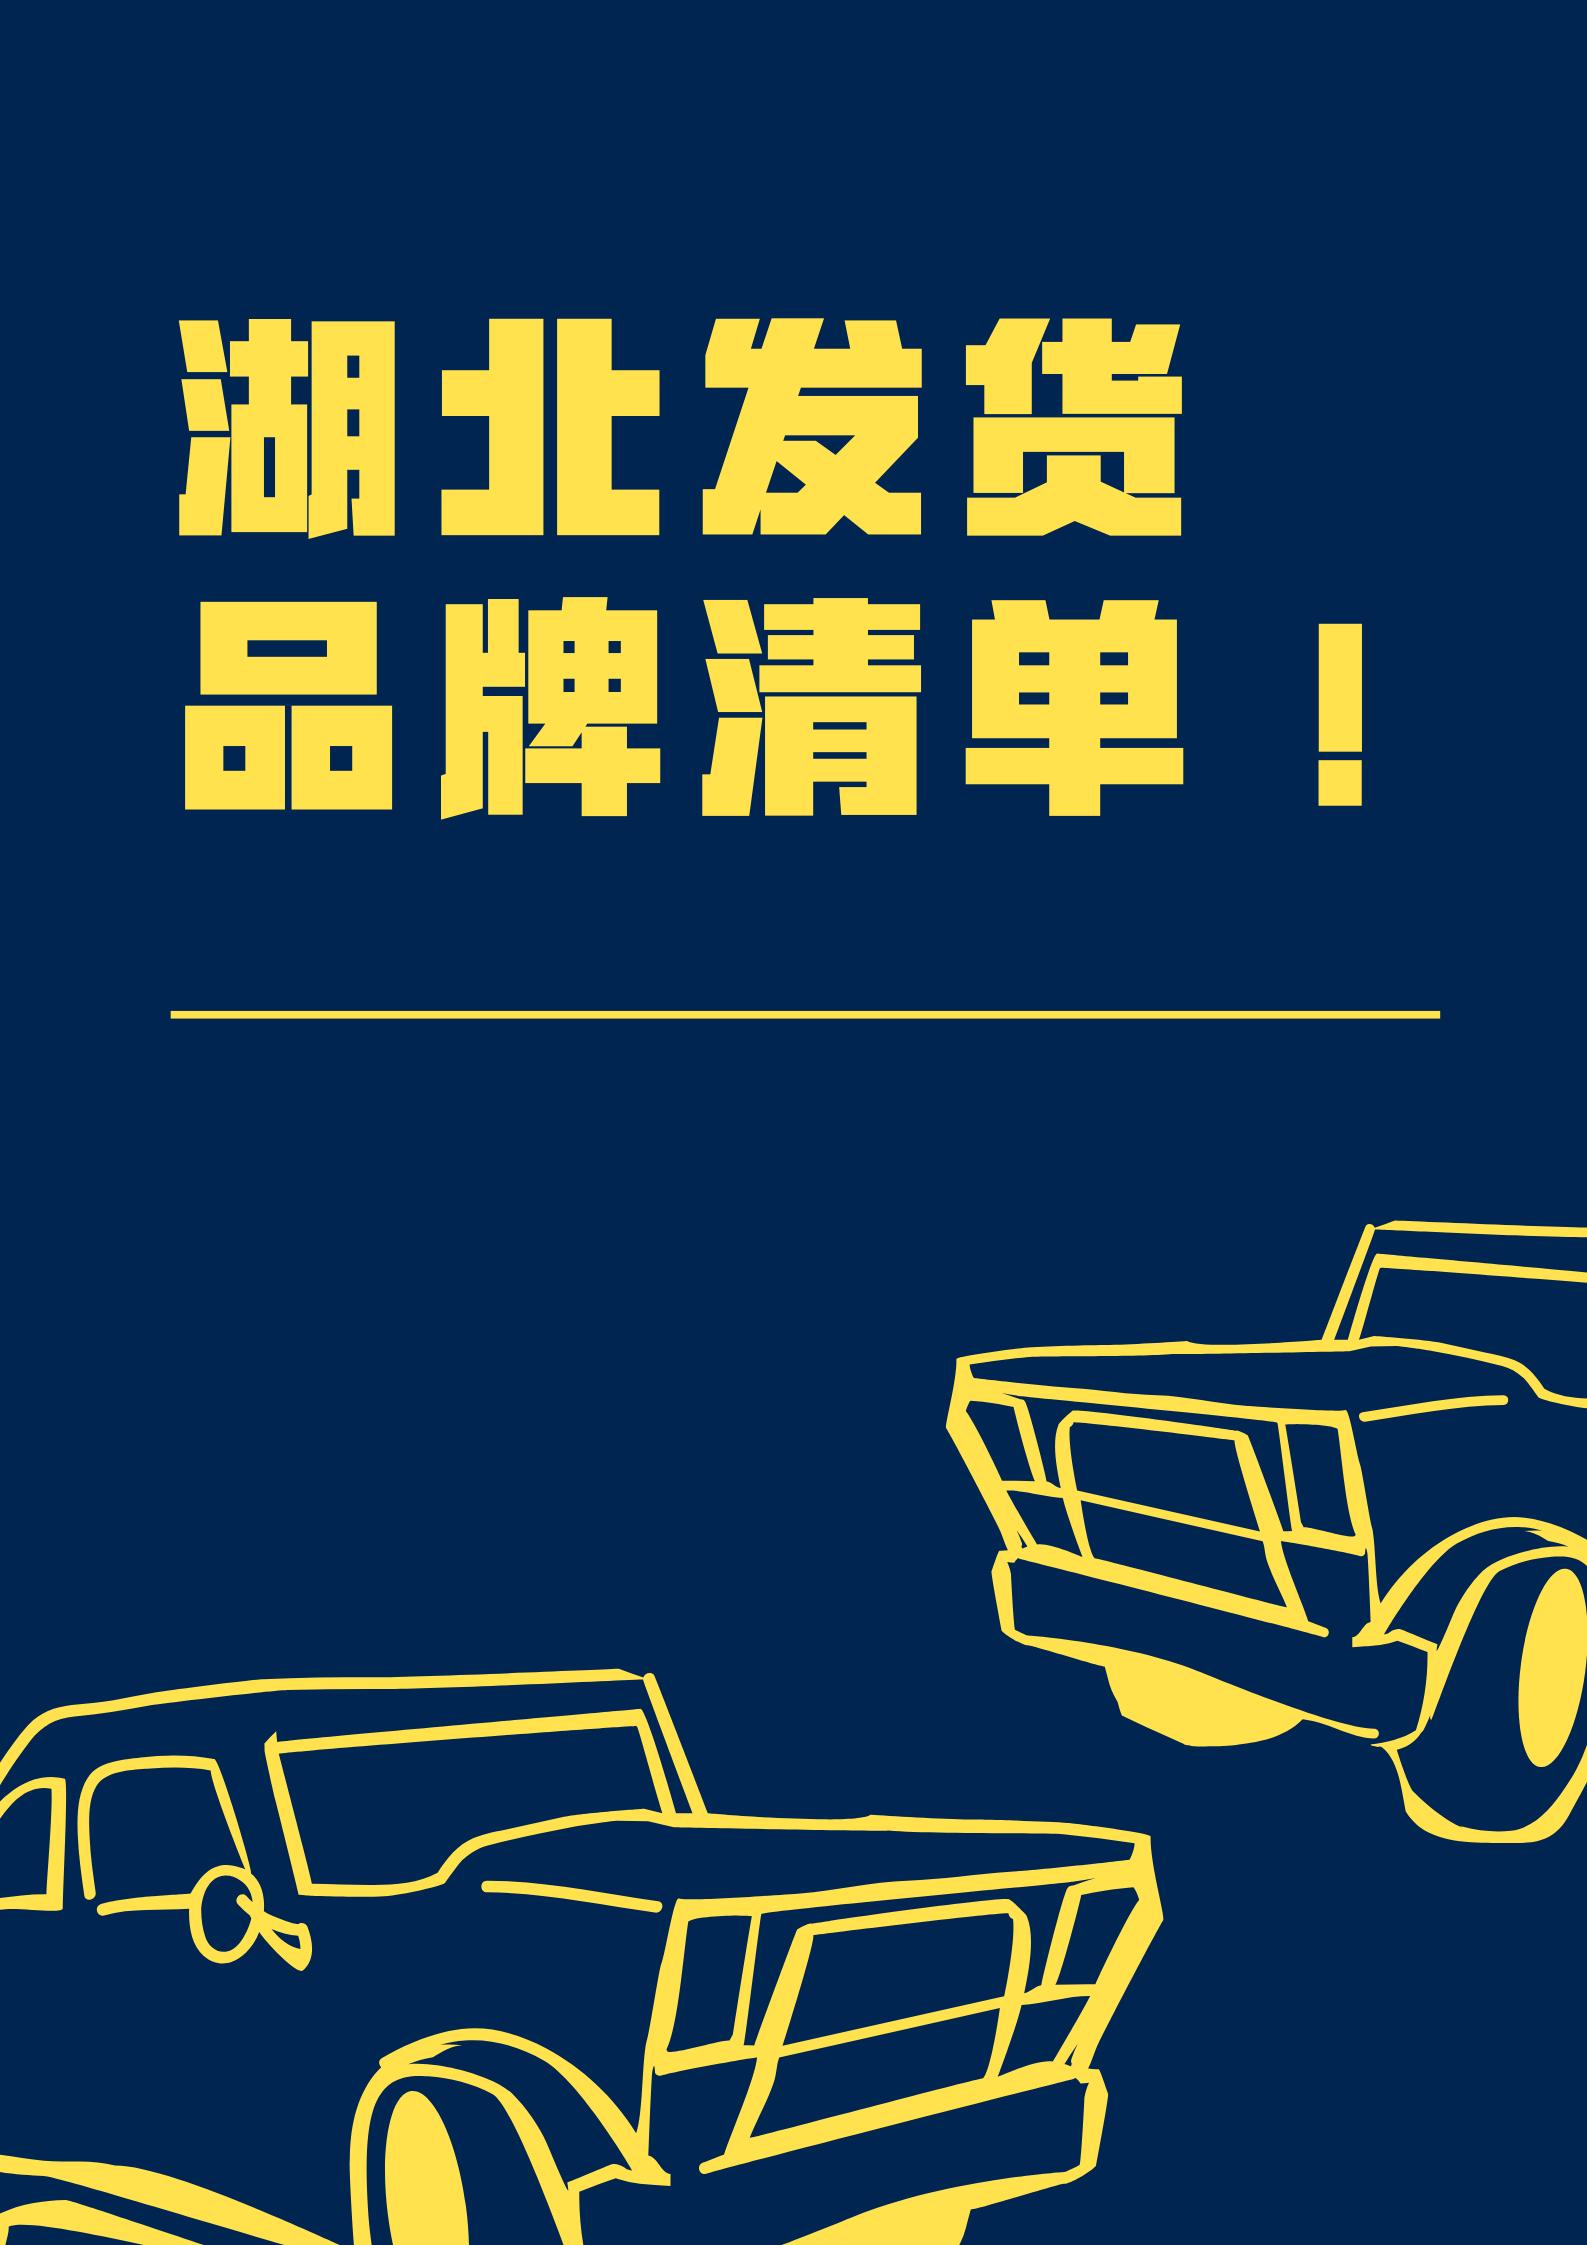 正品折扣特卖大牌购店长代理通知:4月1日支持发湖北的品牌